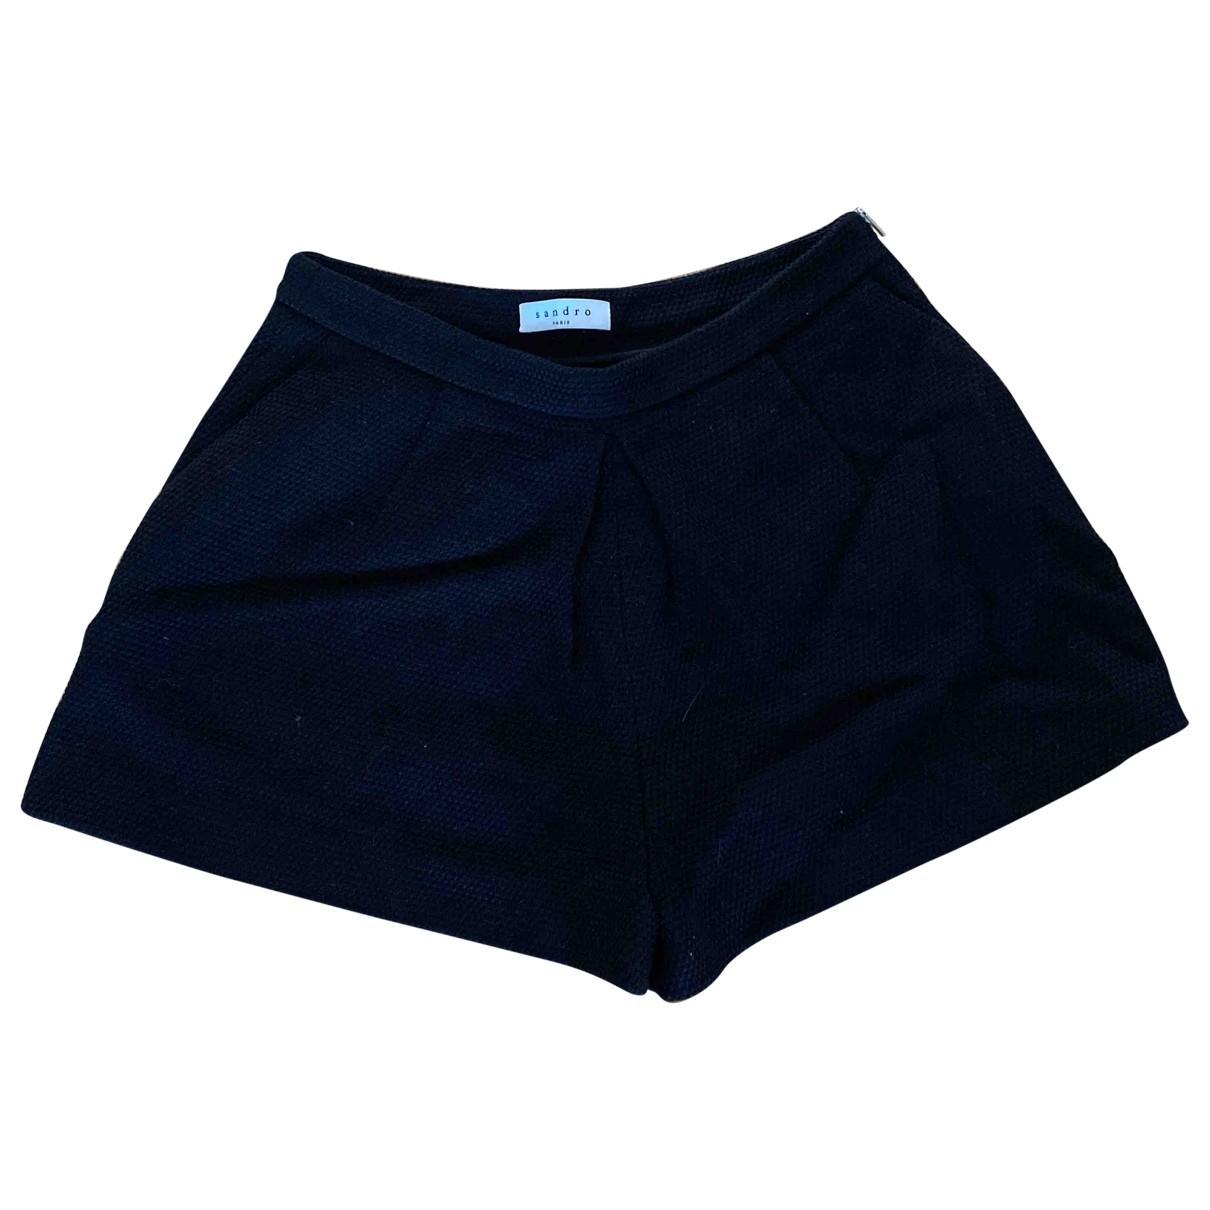 Sandro \N Shorts in  Schwarz Baumwolle